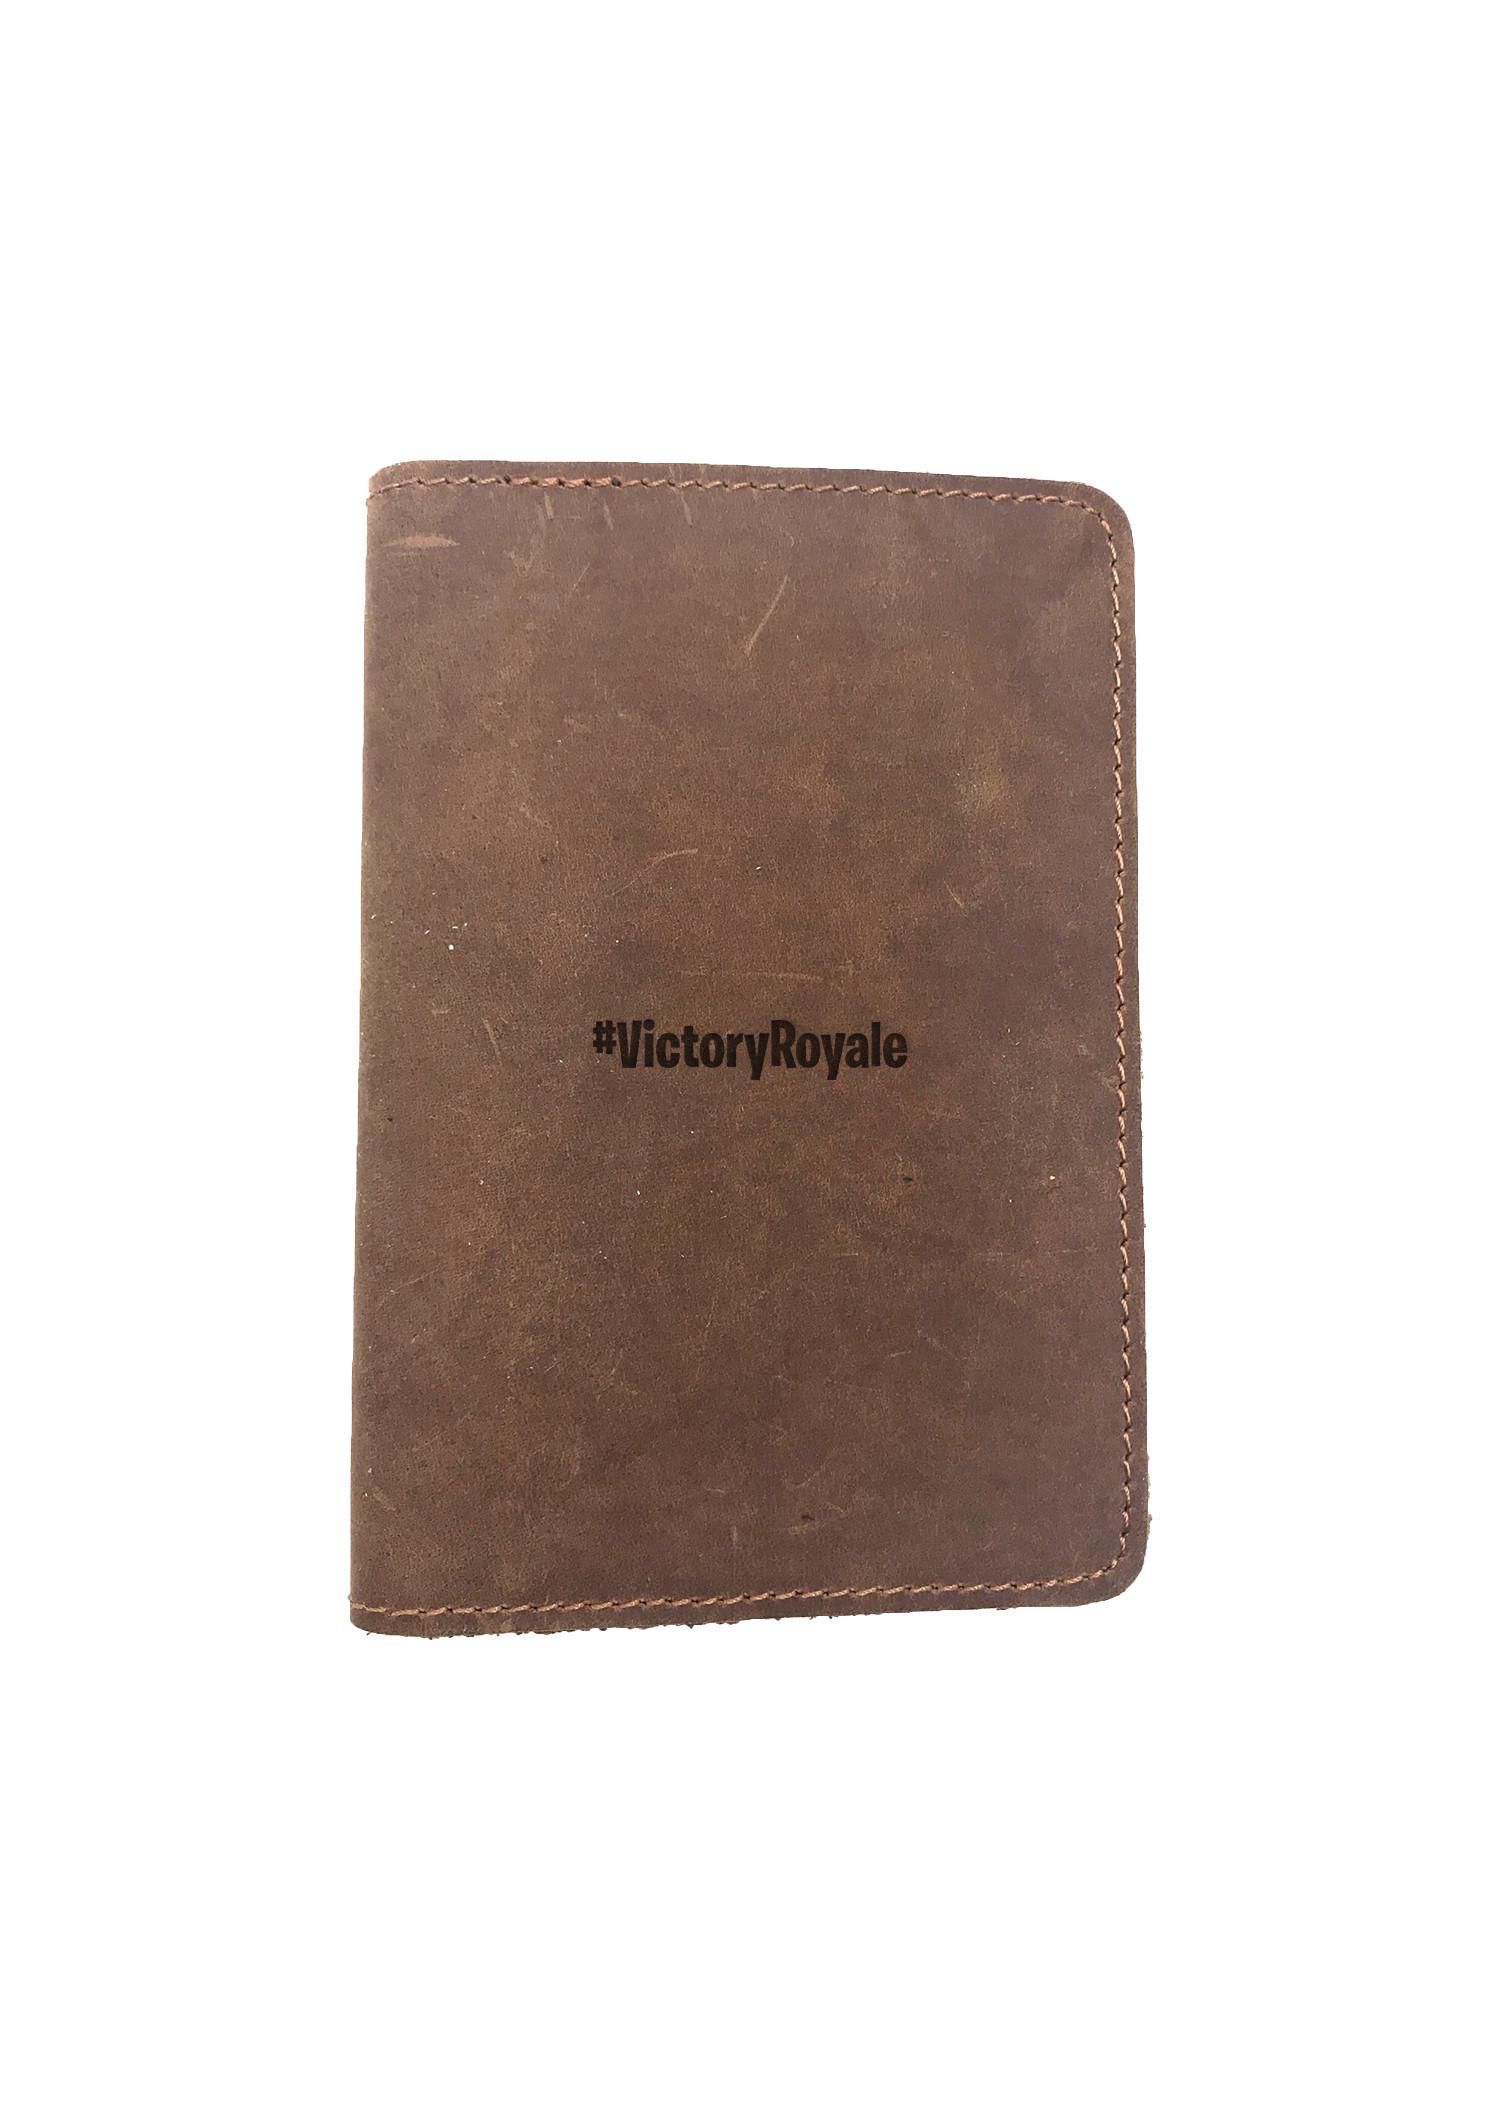 Passport Cover Bao Da Hộ Chiếu Da Sáp Khắc Hình Hình VICTORY ROYALE (BROWN) - 15700662 , 2749993612996 , 62_27867013 , 450000 , Passport-Cover-Bao-Da-Ho-Chieu-Da-Sap-Khac-Hinh-Hinh-VICTORY-ROYALE-BROWN-62_27867013 , tiki.vn , Passport Cover Bao Da Hộ Chiếu Da Sáp Khắc Hình Hình VICTORY ROYALE (BROWN)